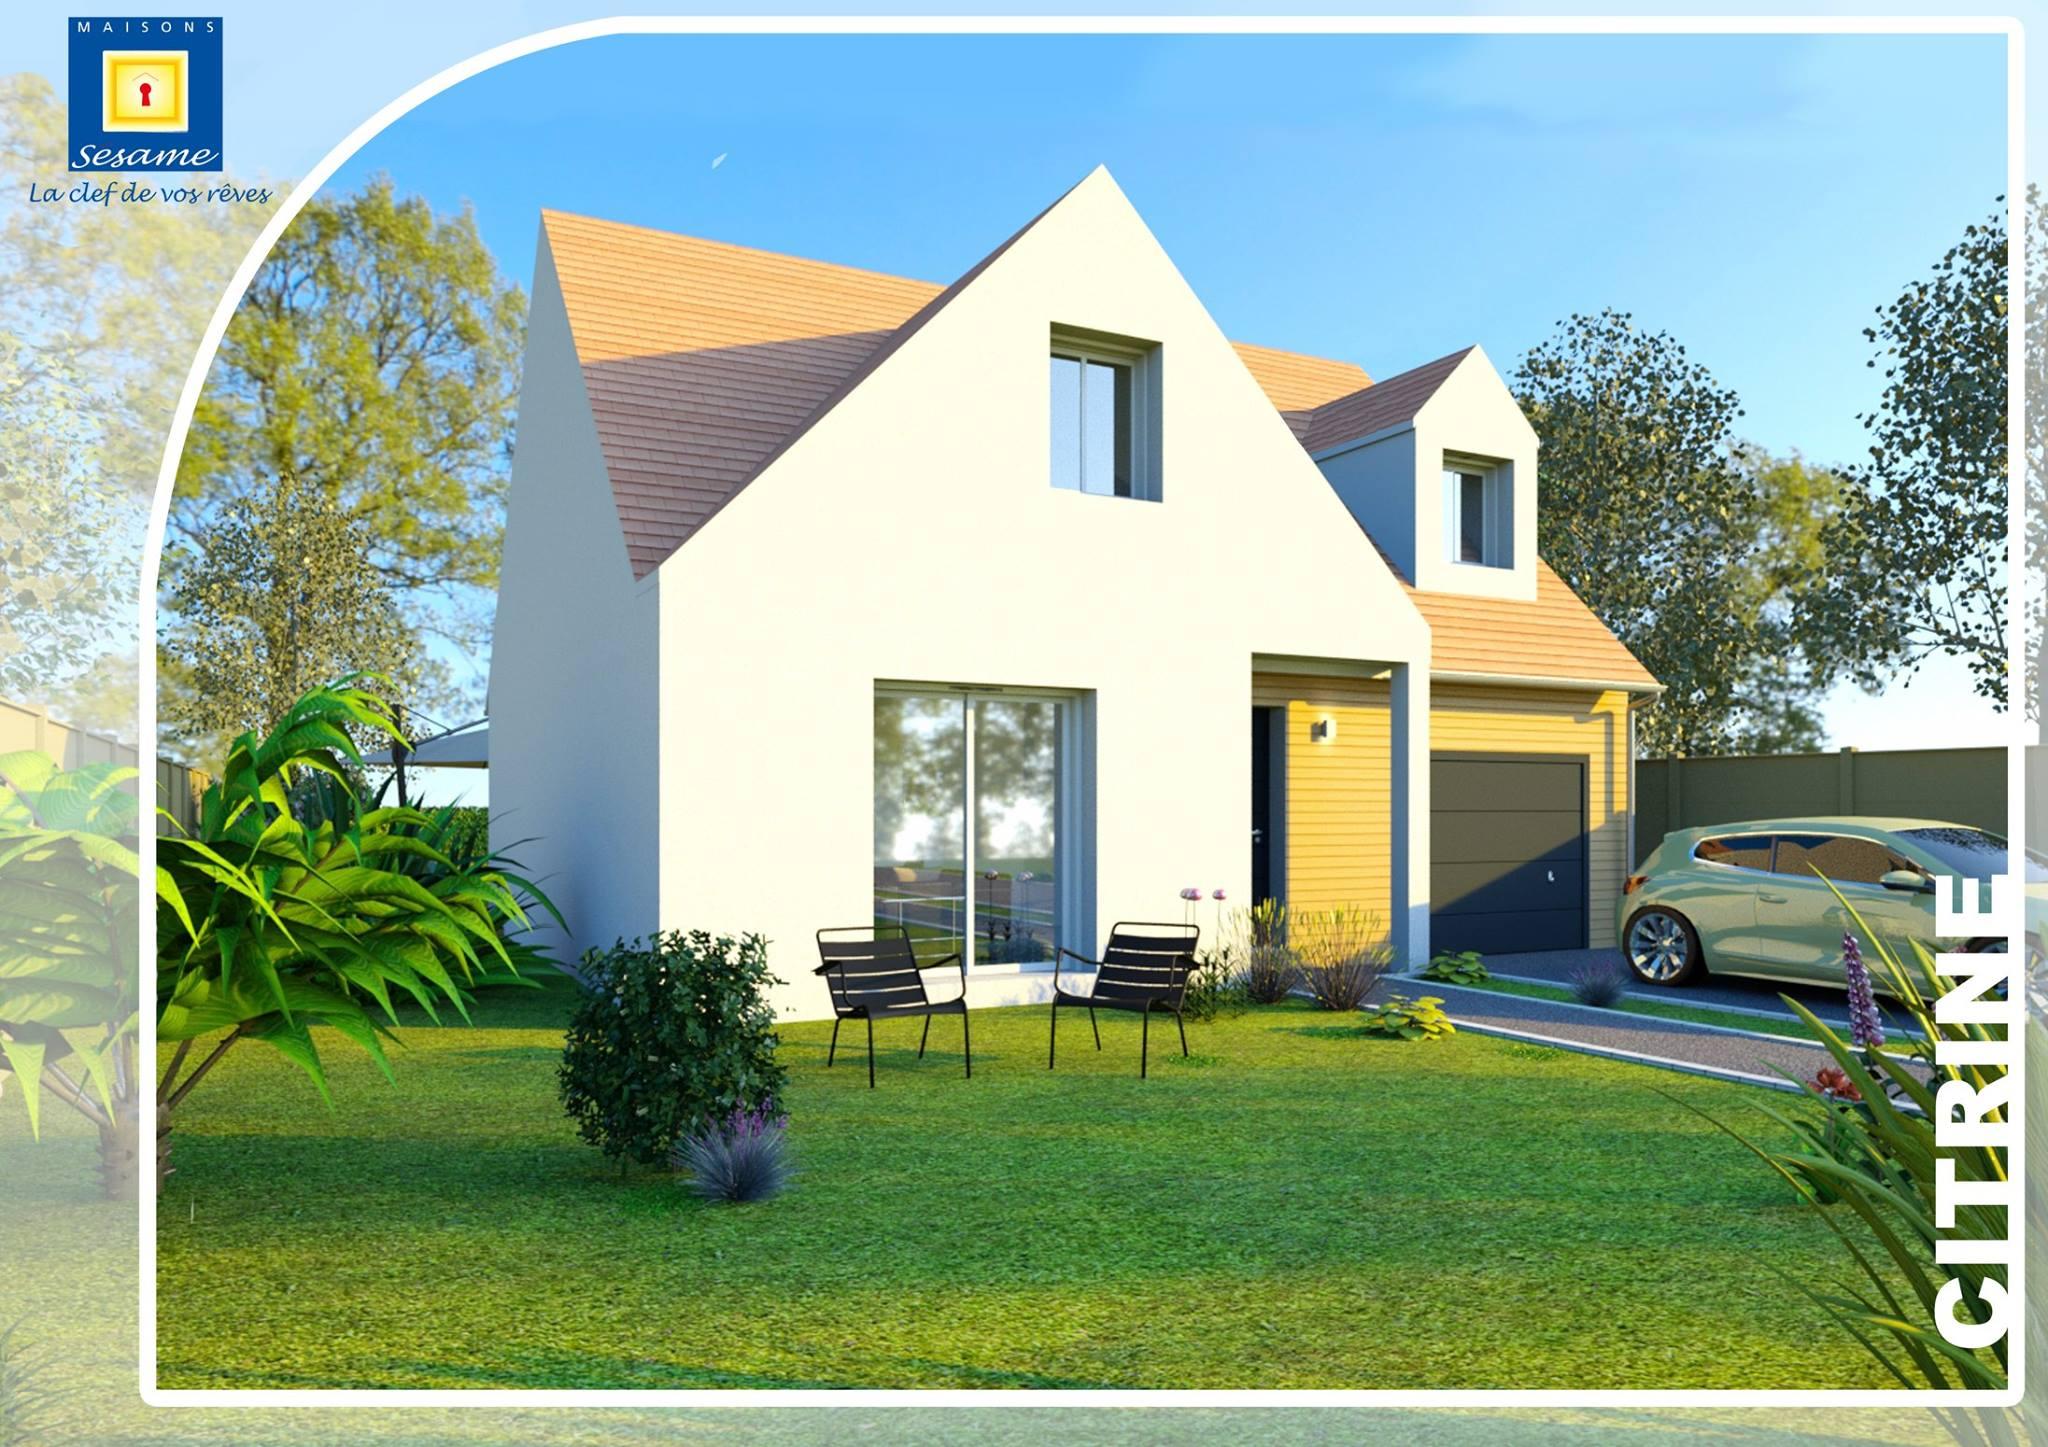 Recherche mod le de maison ma future maison for Maison pierre modele noctuelle